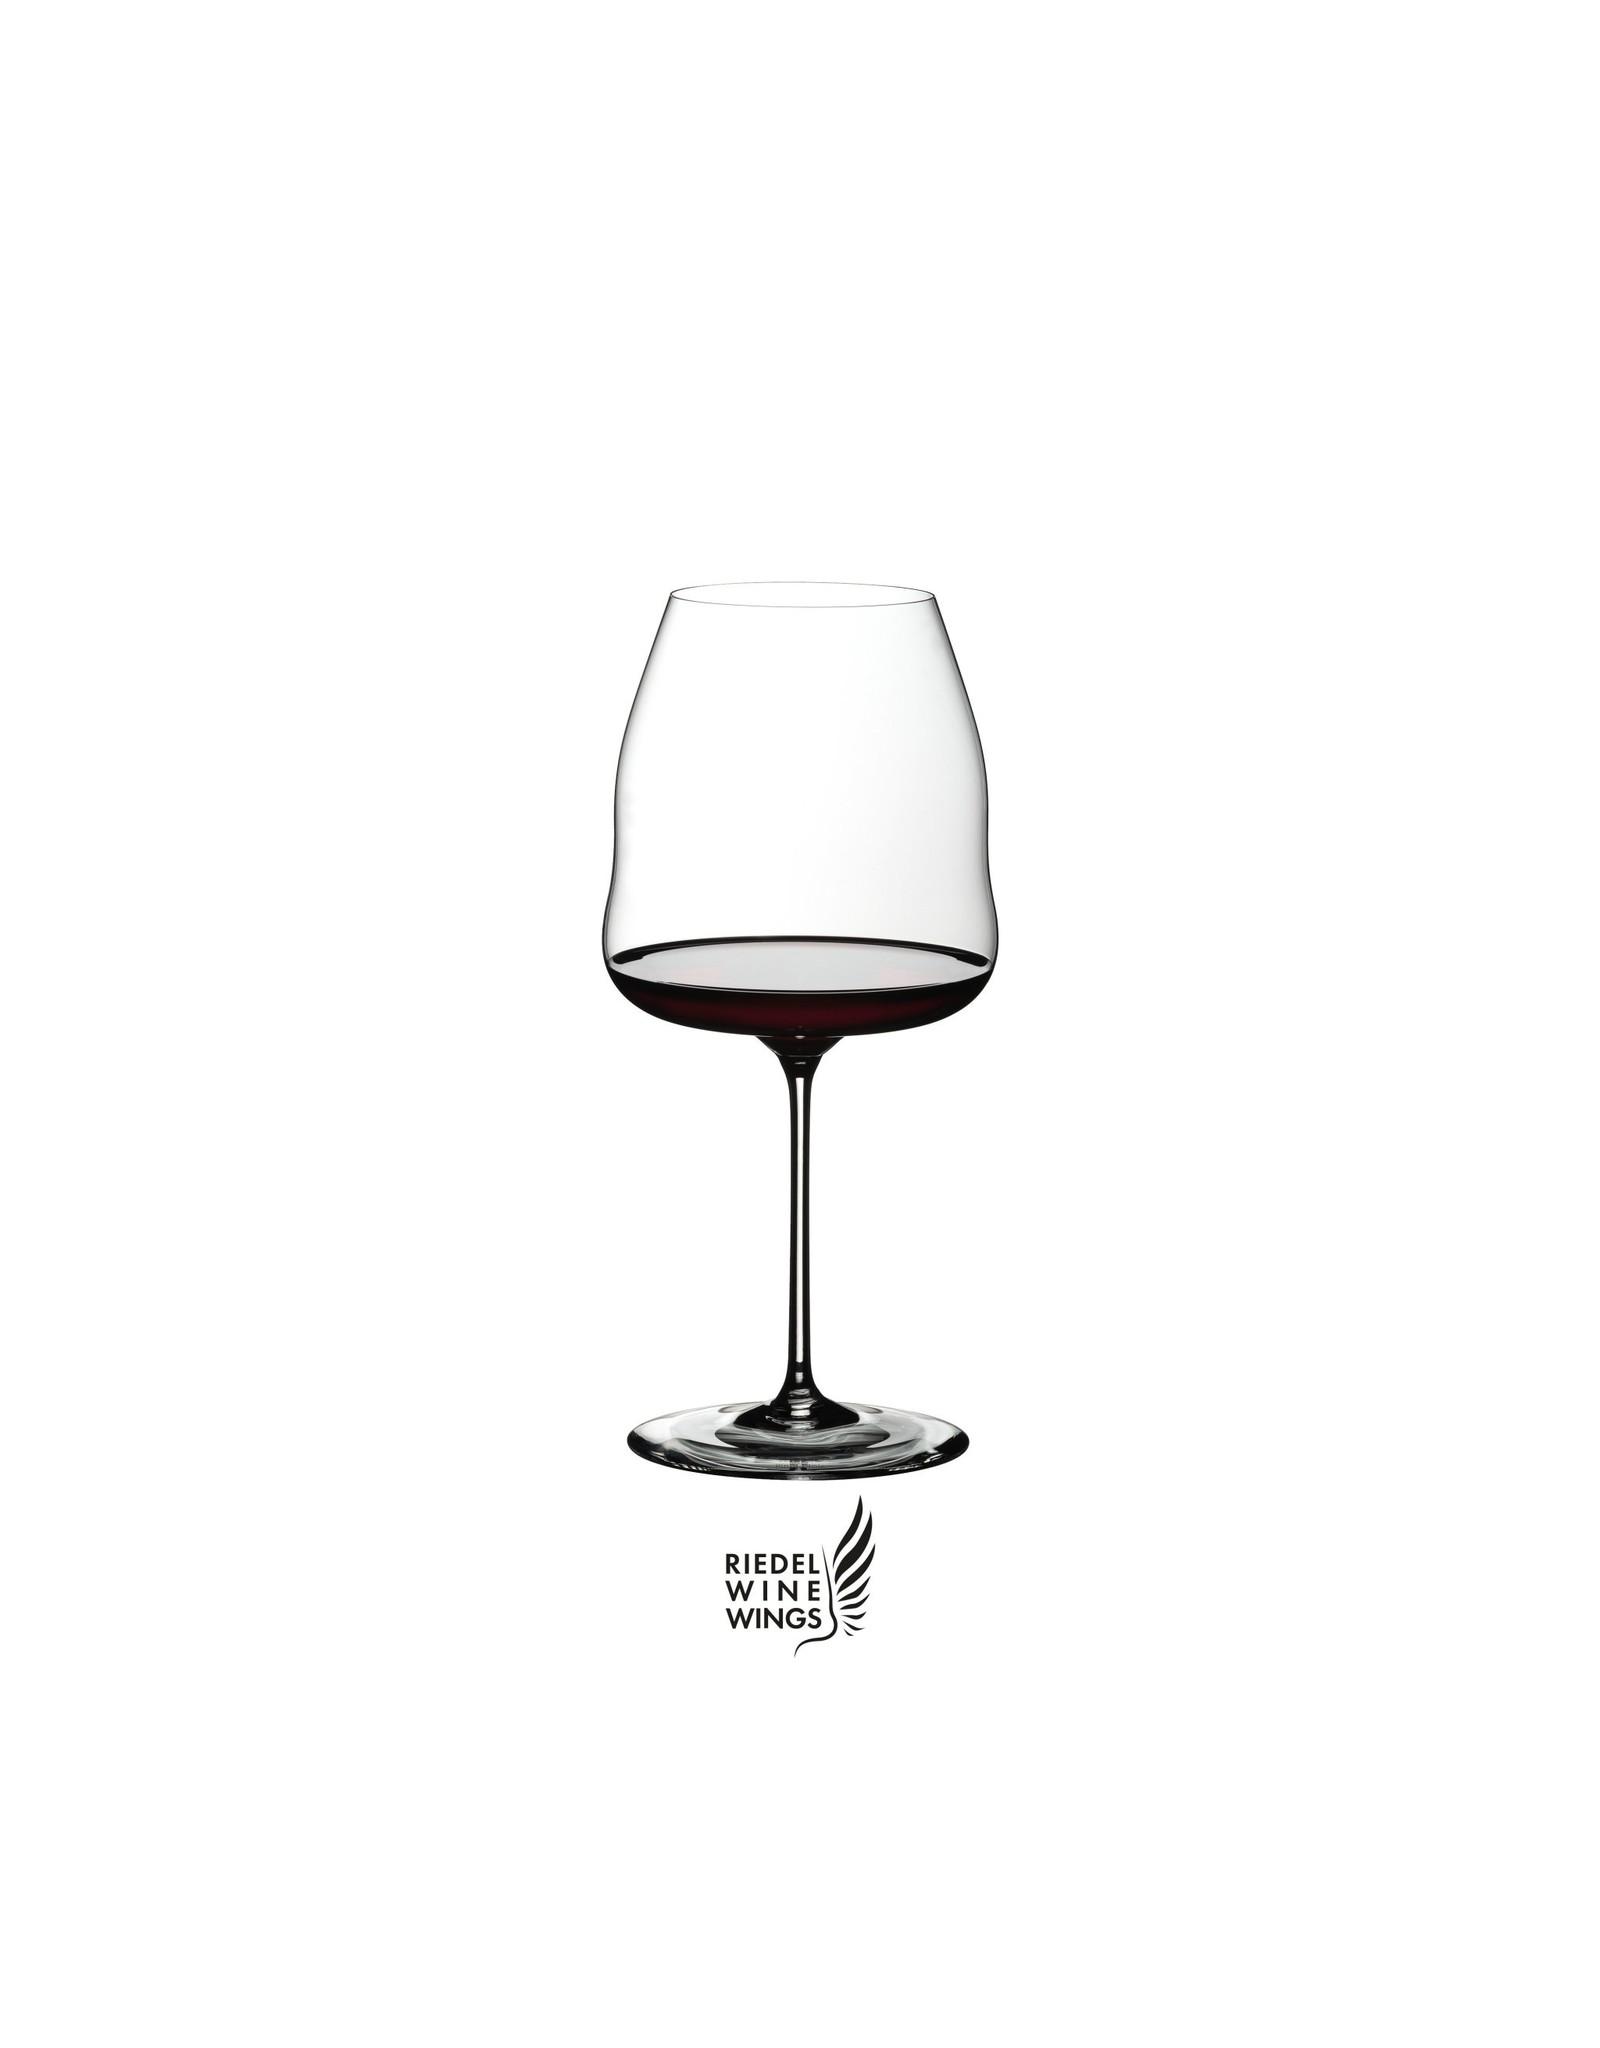 Riedel RIEDEL Winewings Pinot Noir/Neb Single